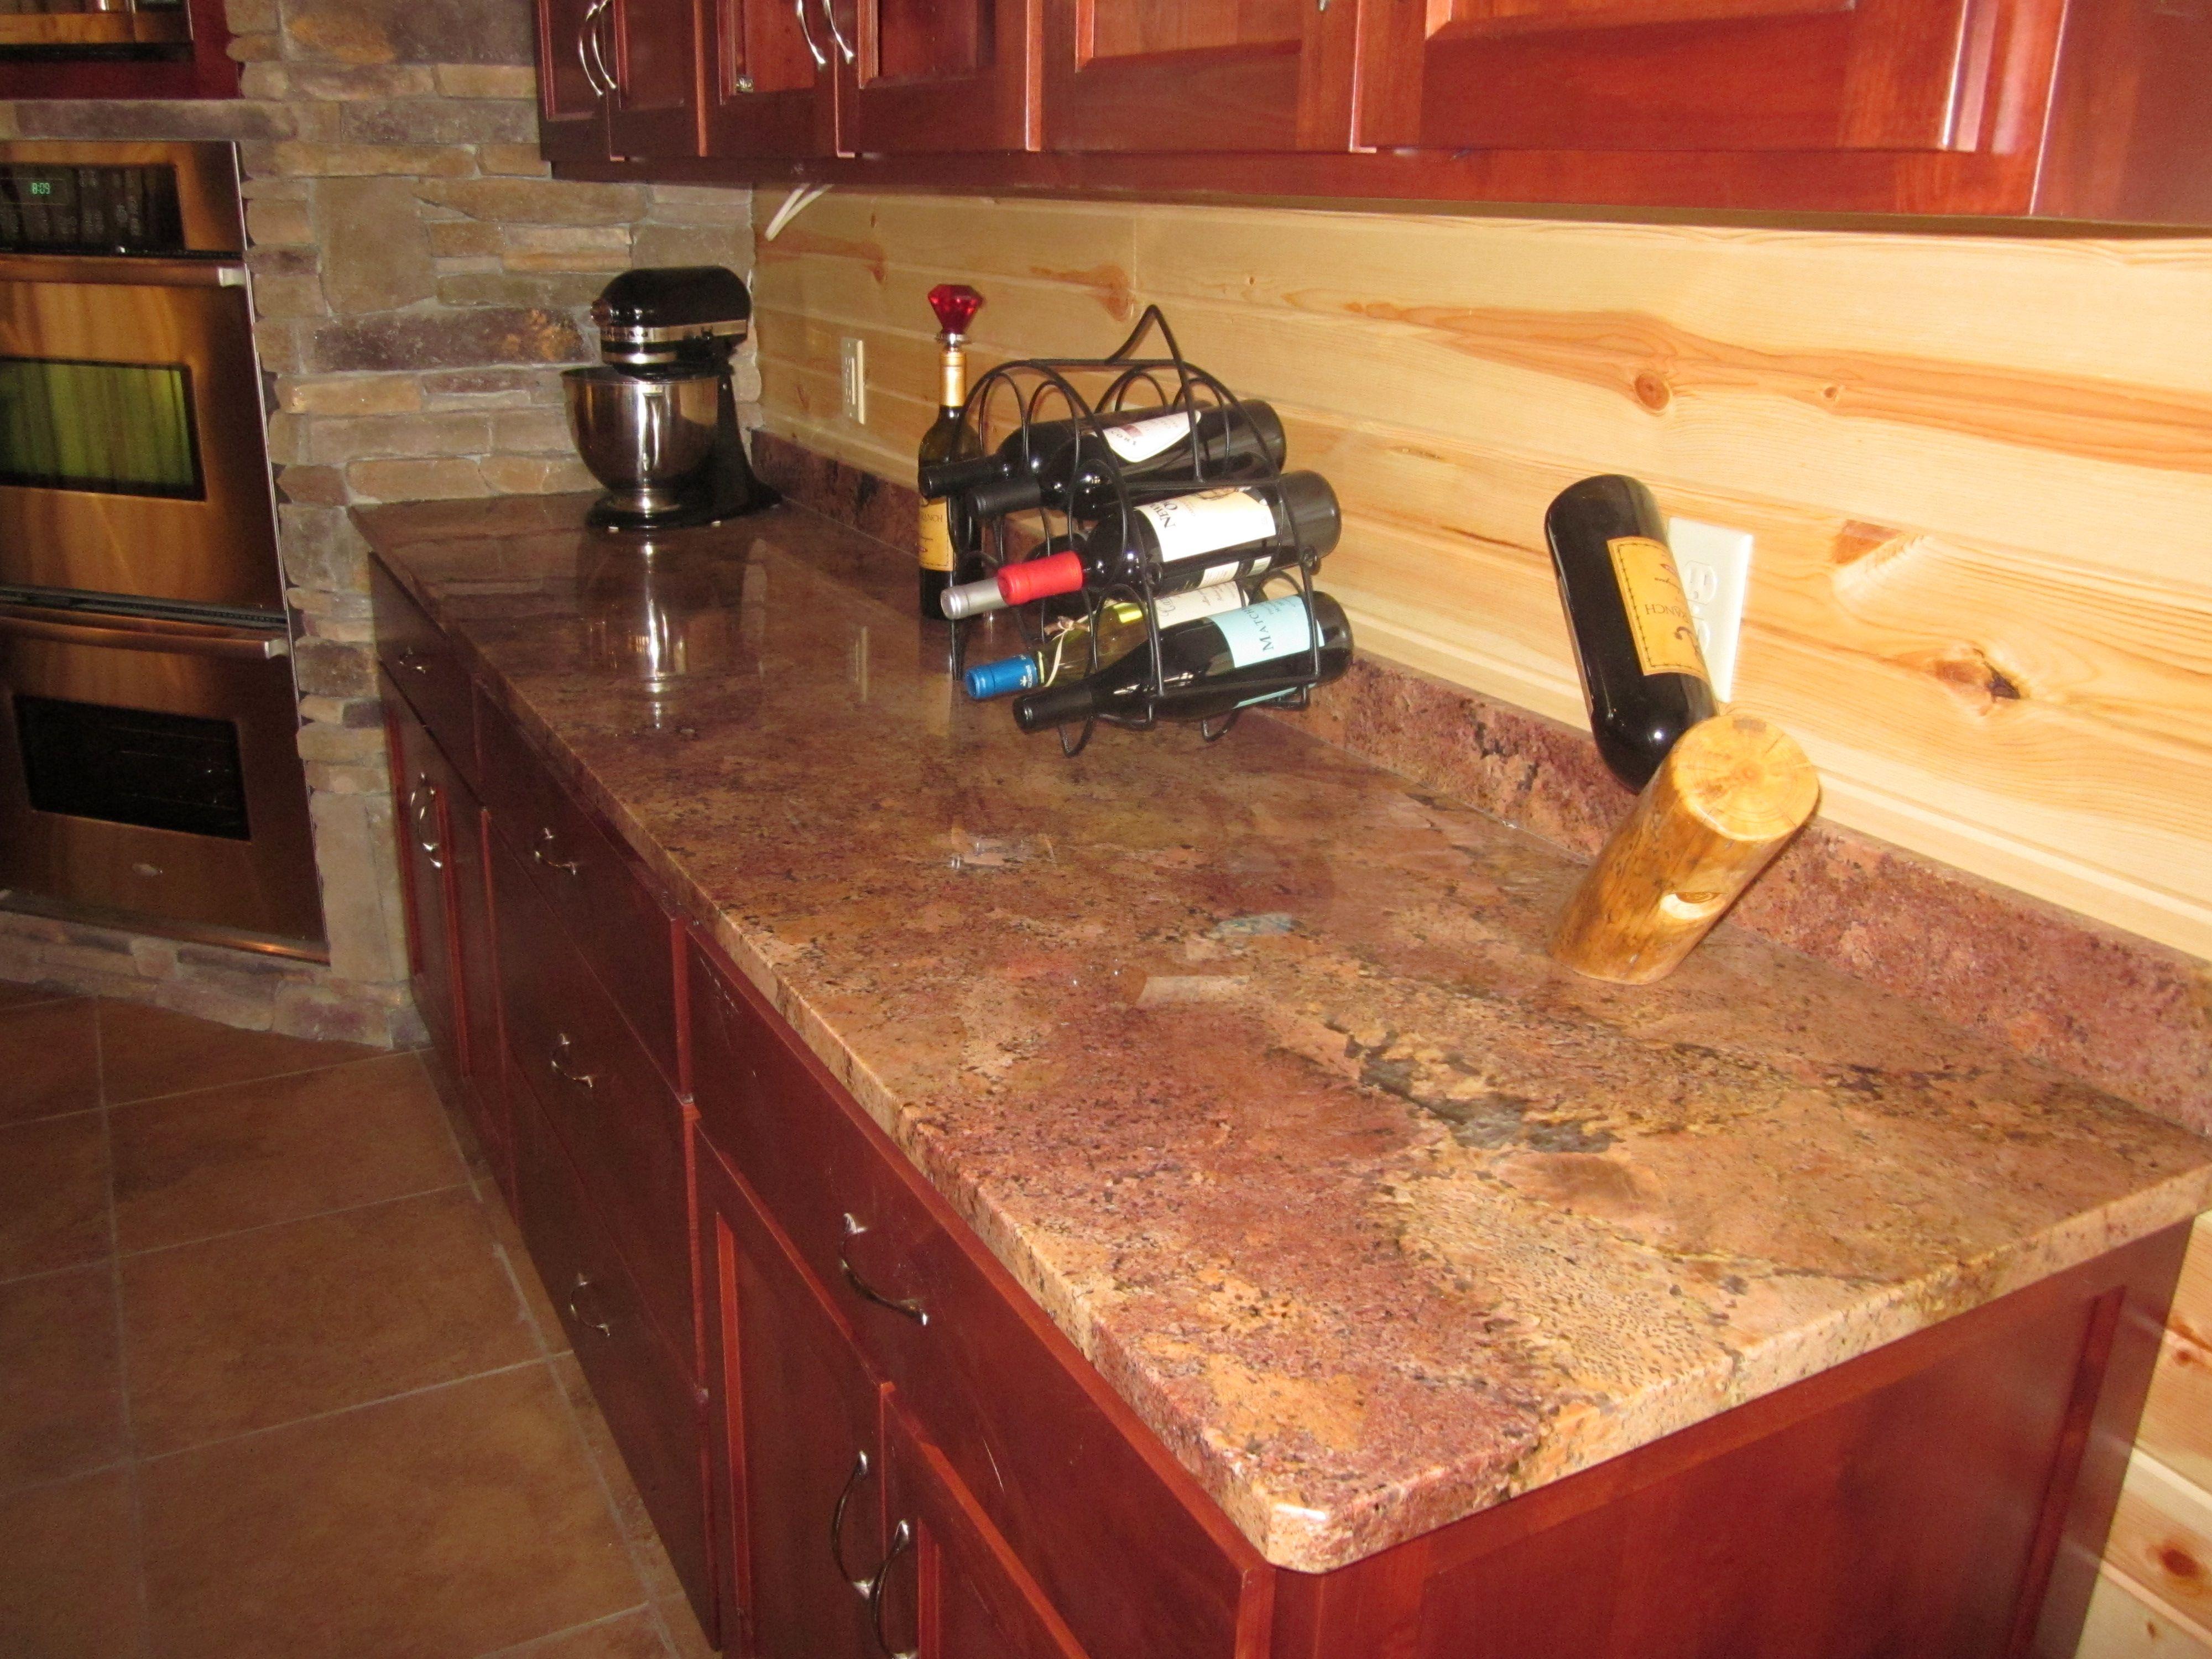 vibrant red granite kitchen countertops countertops for kitchens Beautiful Bordeaux red granite countertop